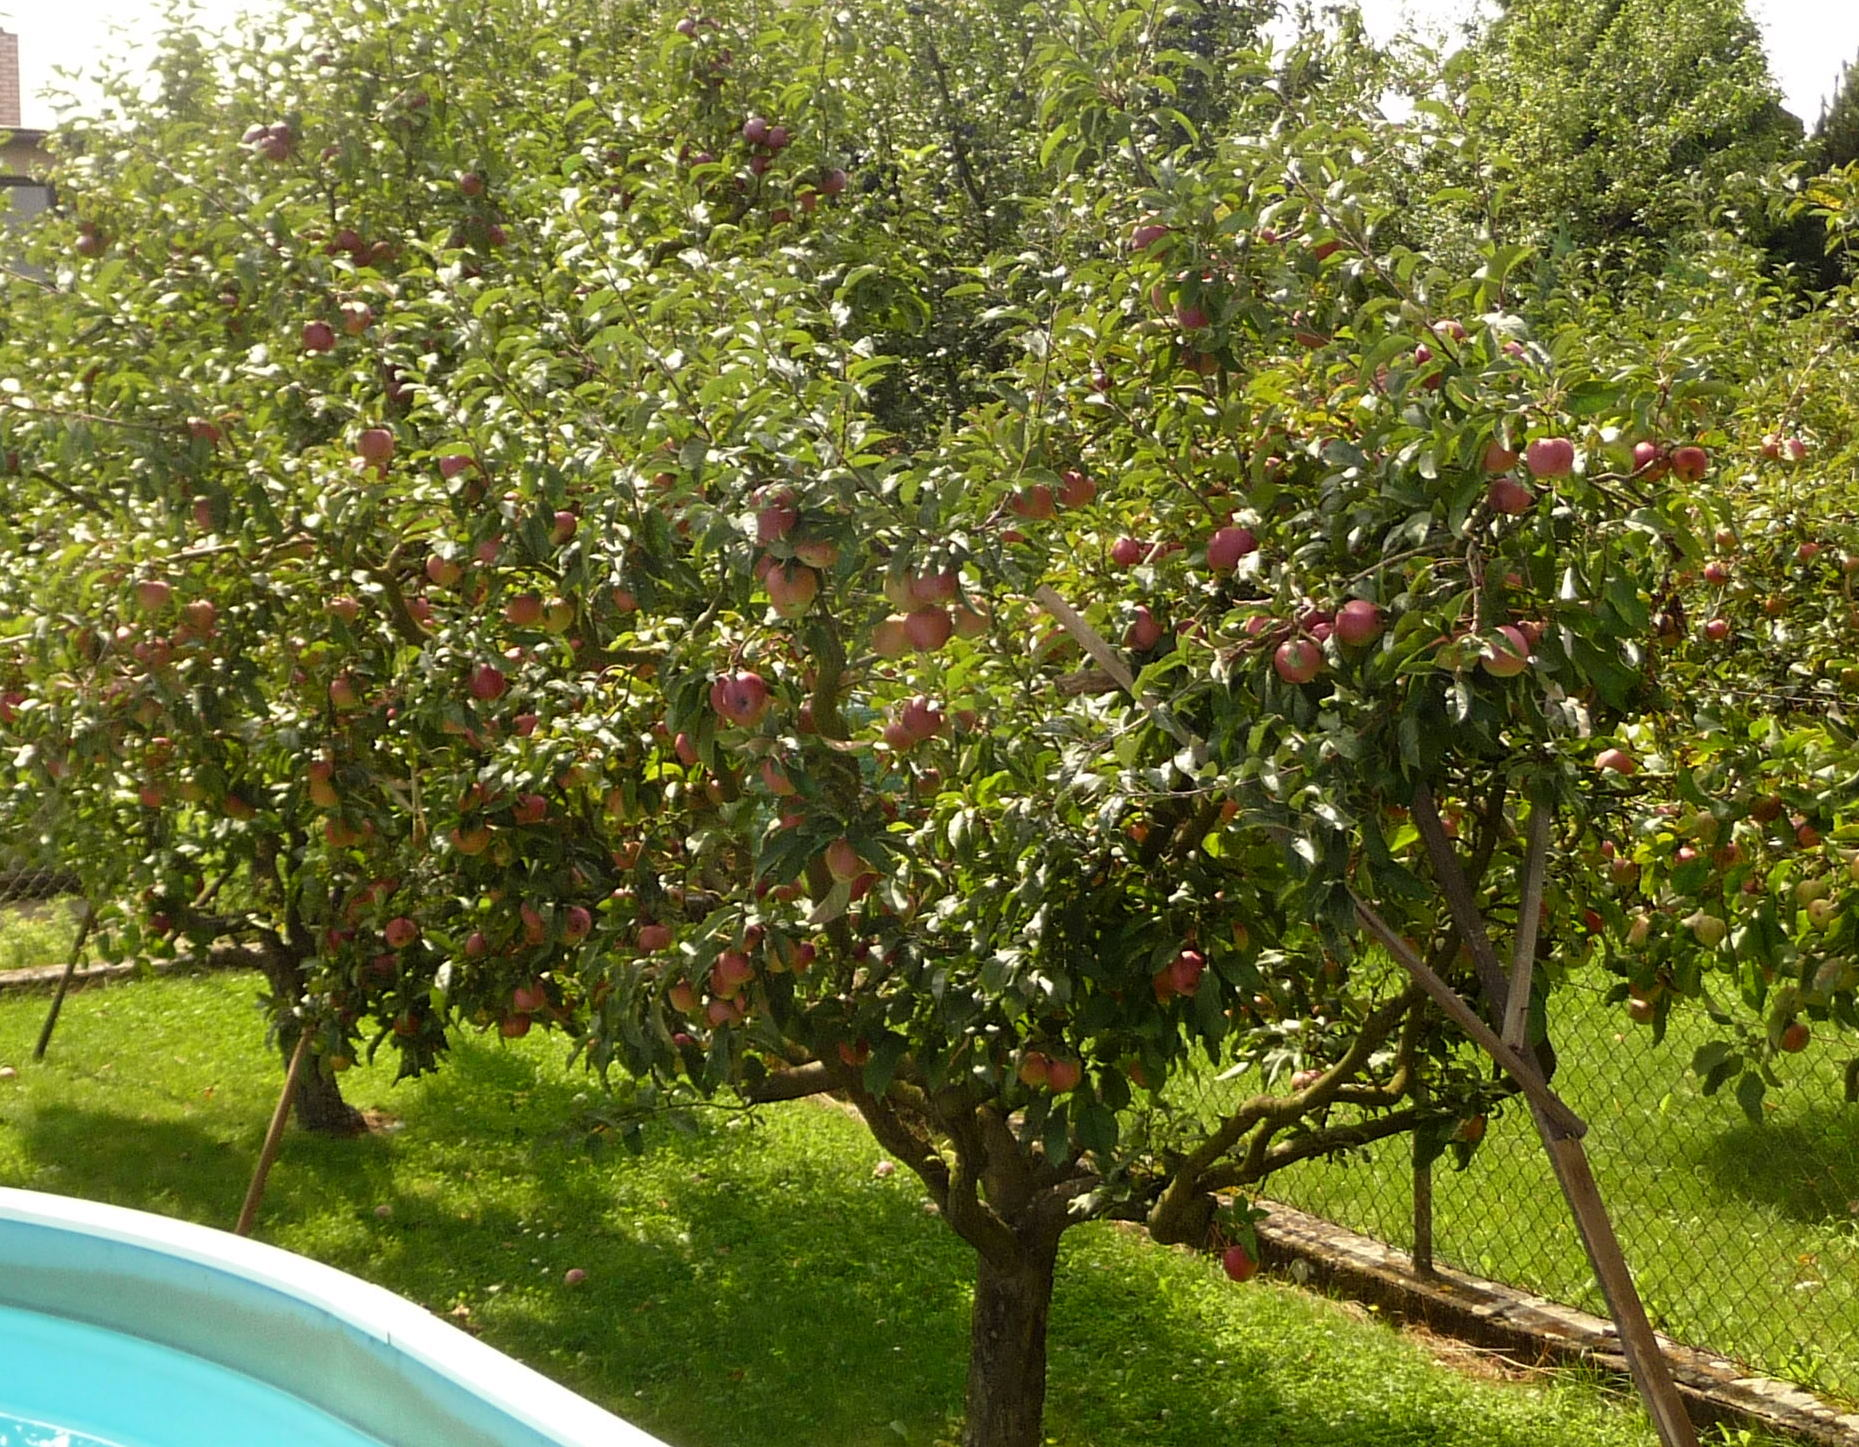 File:Apple tree, Fryšták (3).jpg - Wikimedia Commons